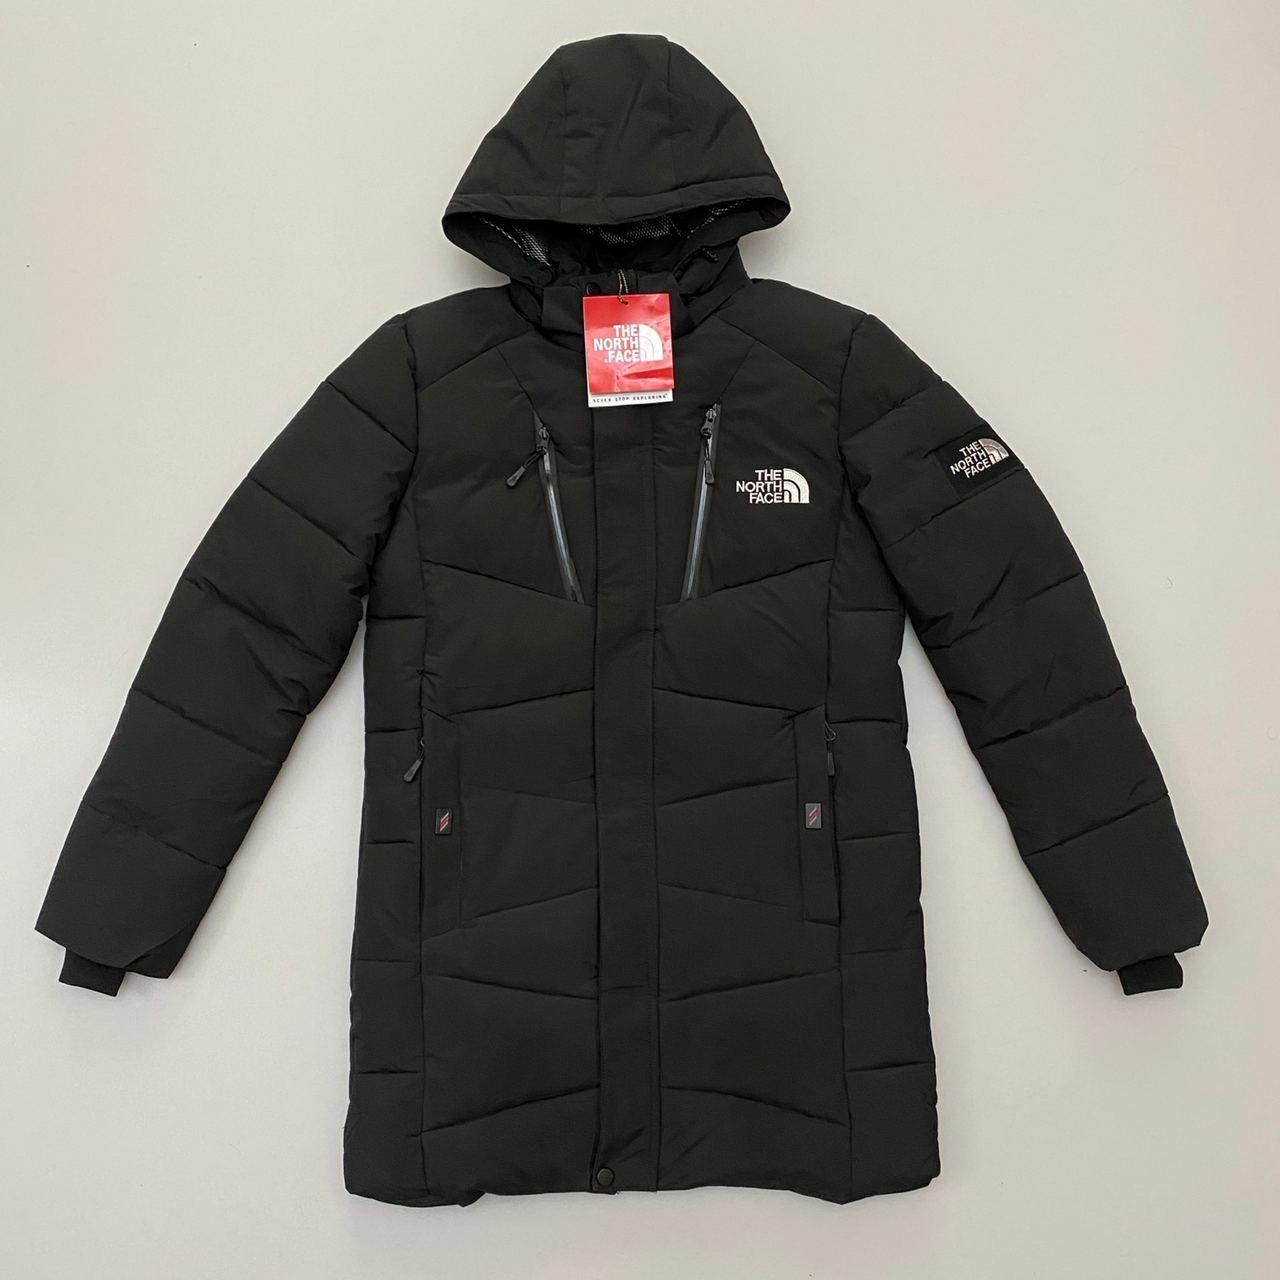 Люкс качество! Мужская куртка The North Face на осень-зиму в 2х цветах